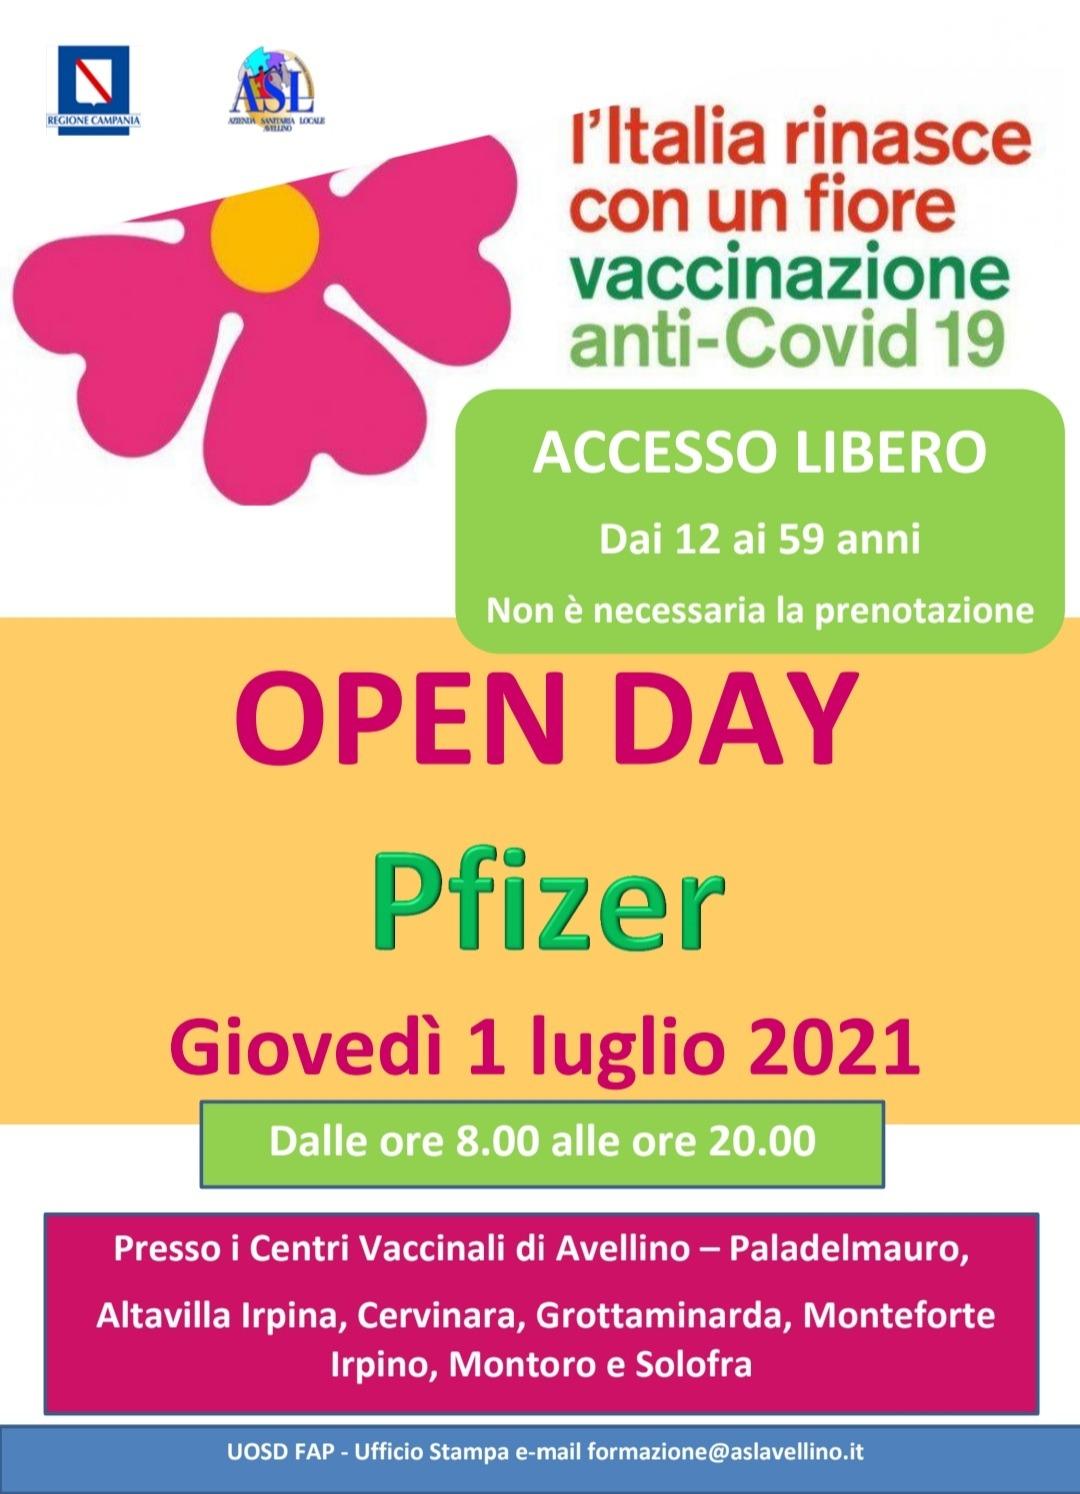 Open Day Pfizer, il 1 luglio accesso libero senza prenotazione